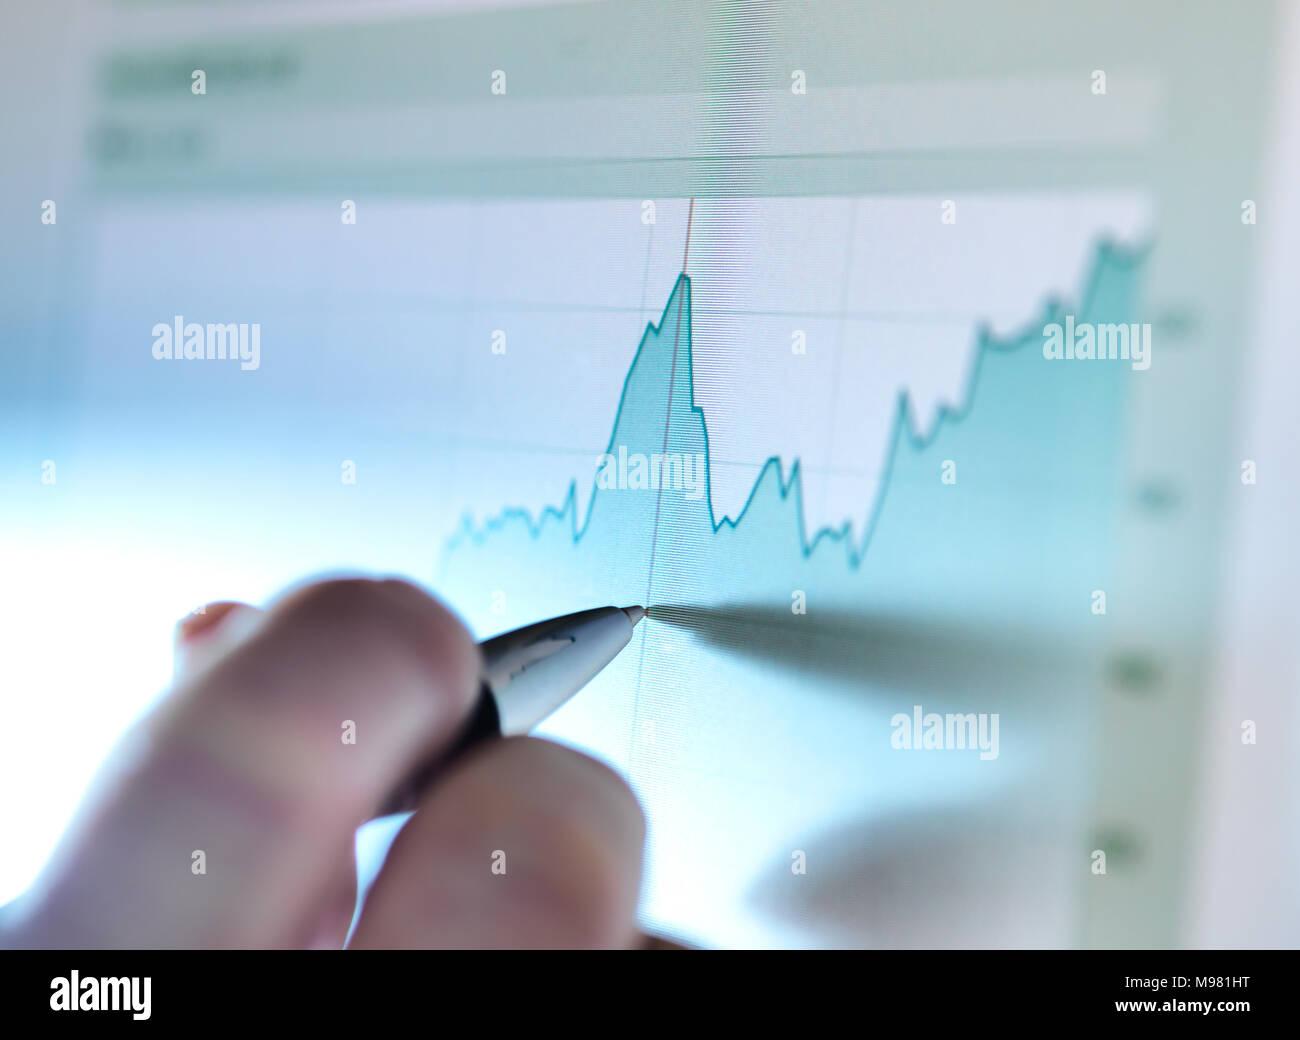 La mano di uno stock broker analizzare linea grafico sullo schermo del computer Immagini Stock